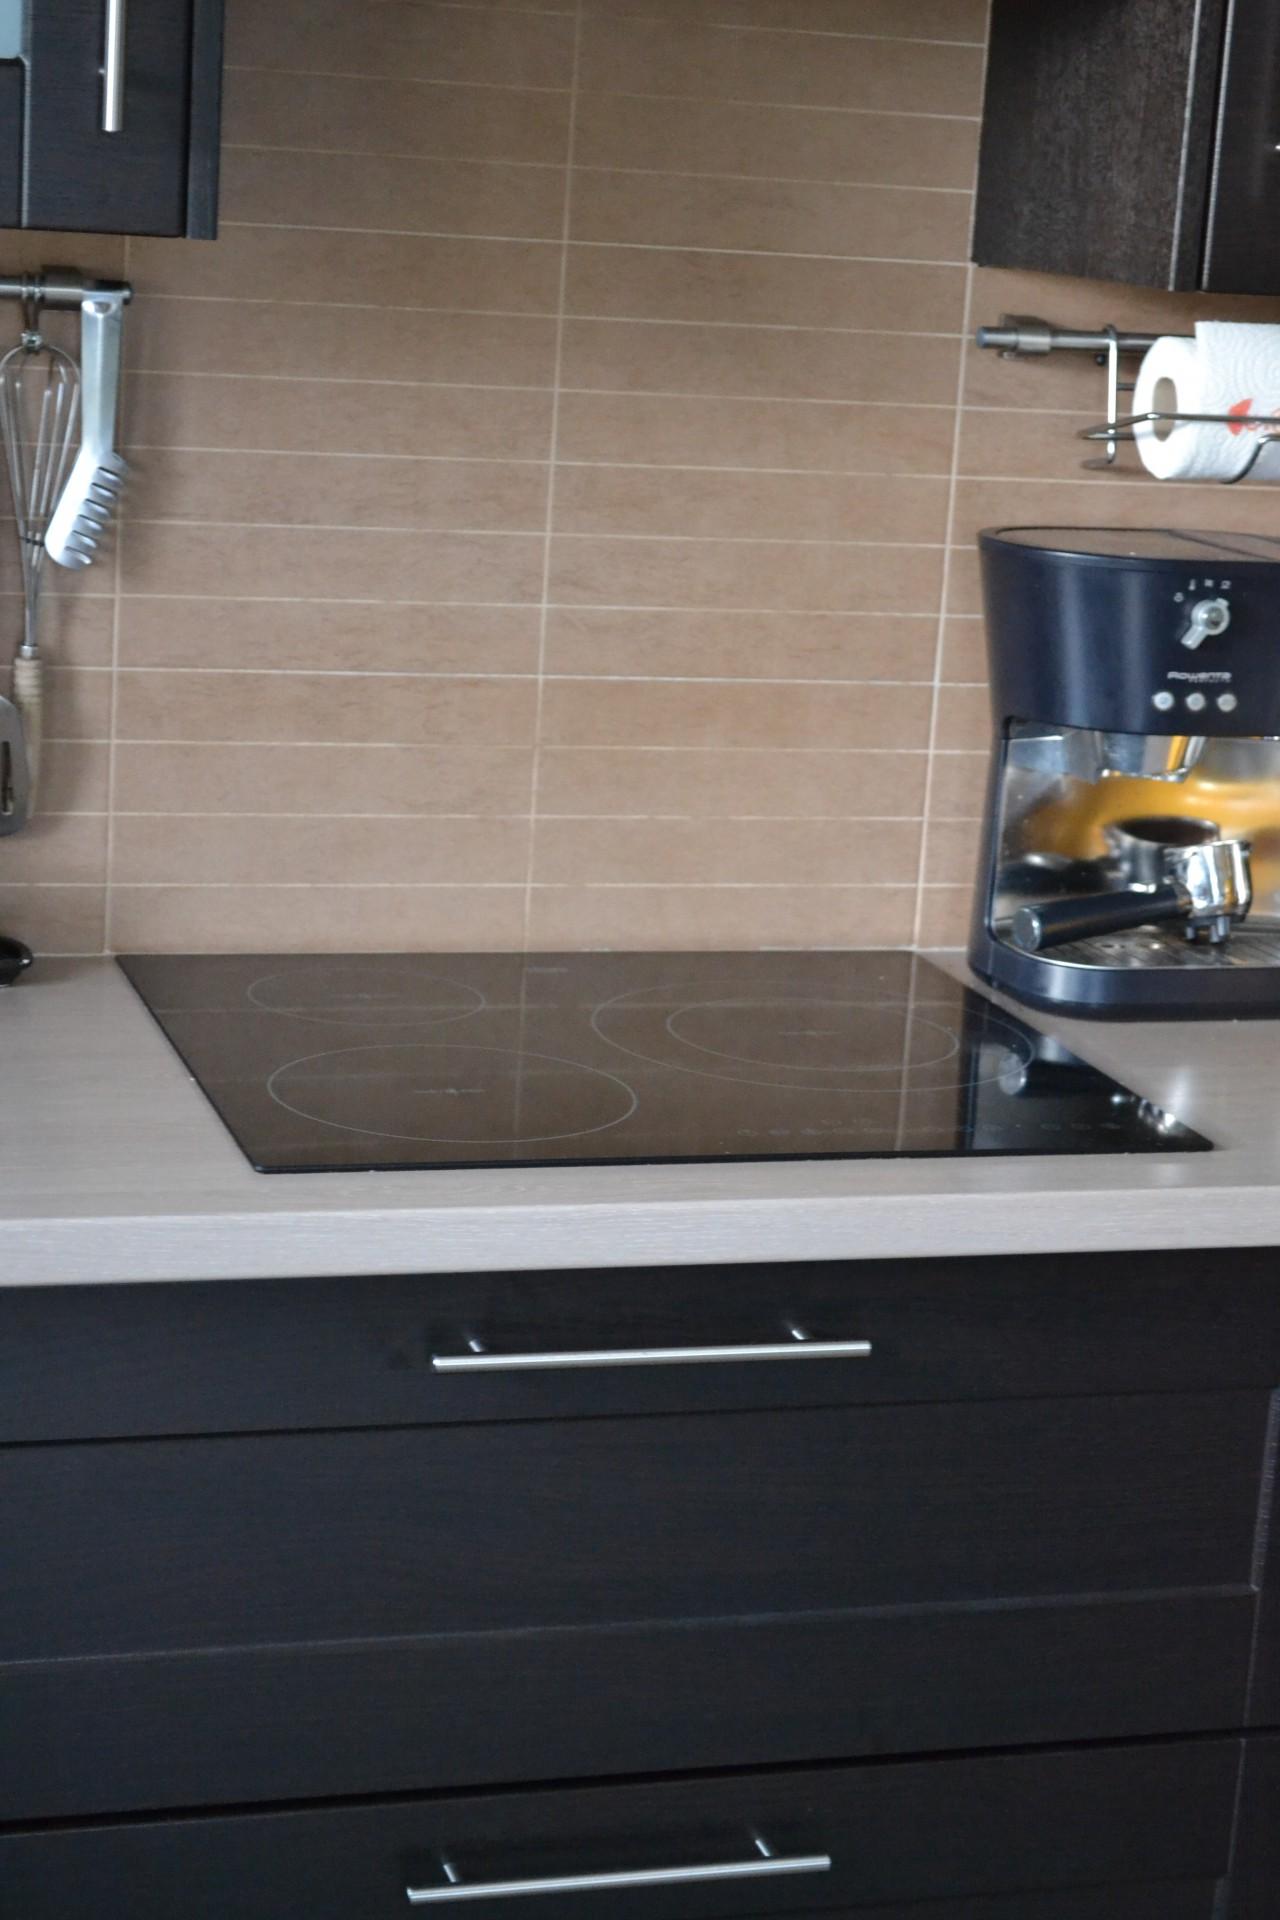 vente de carrelages et fa ence pour la cuisine. Black Bedroom Furniture Sets. Home Design Ideas